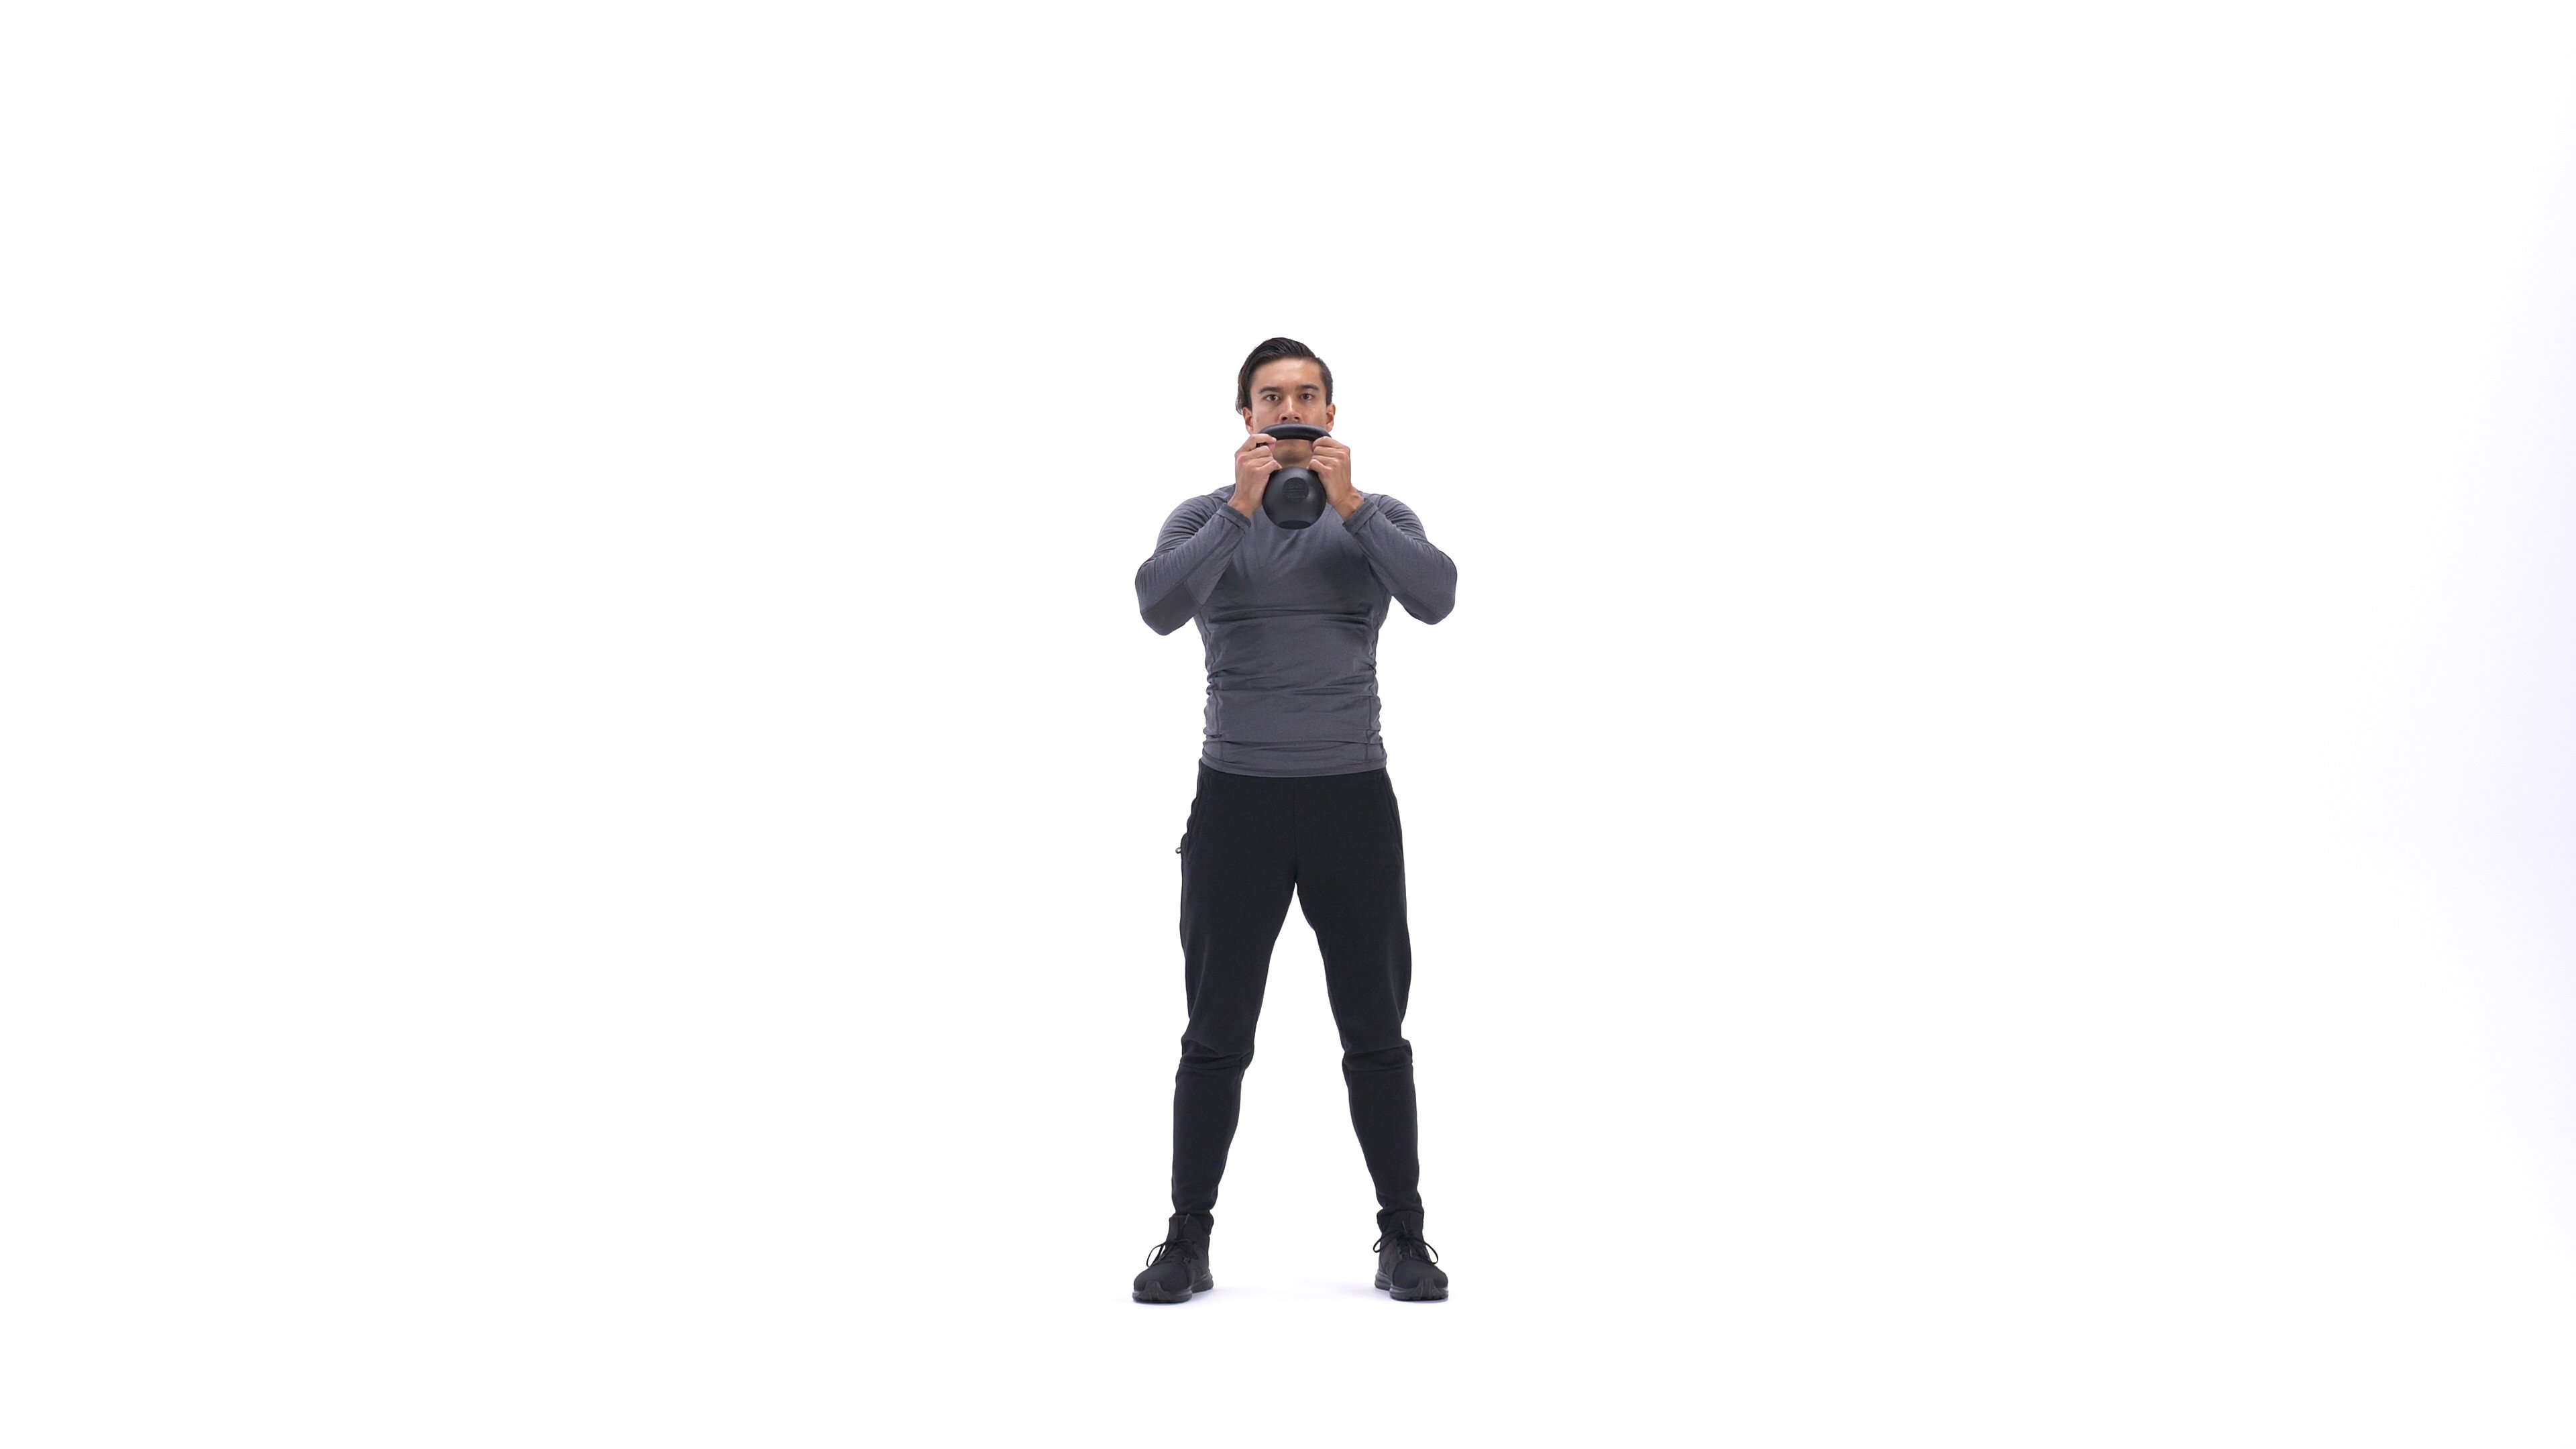 Kettlebell side squat image